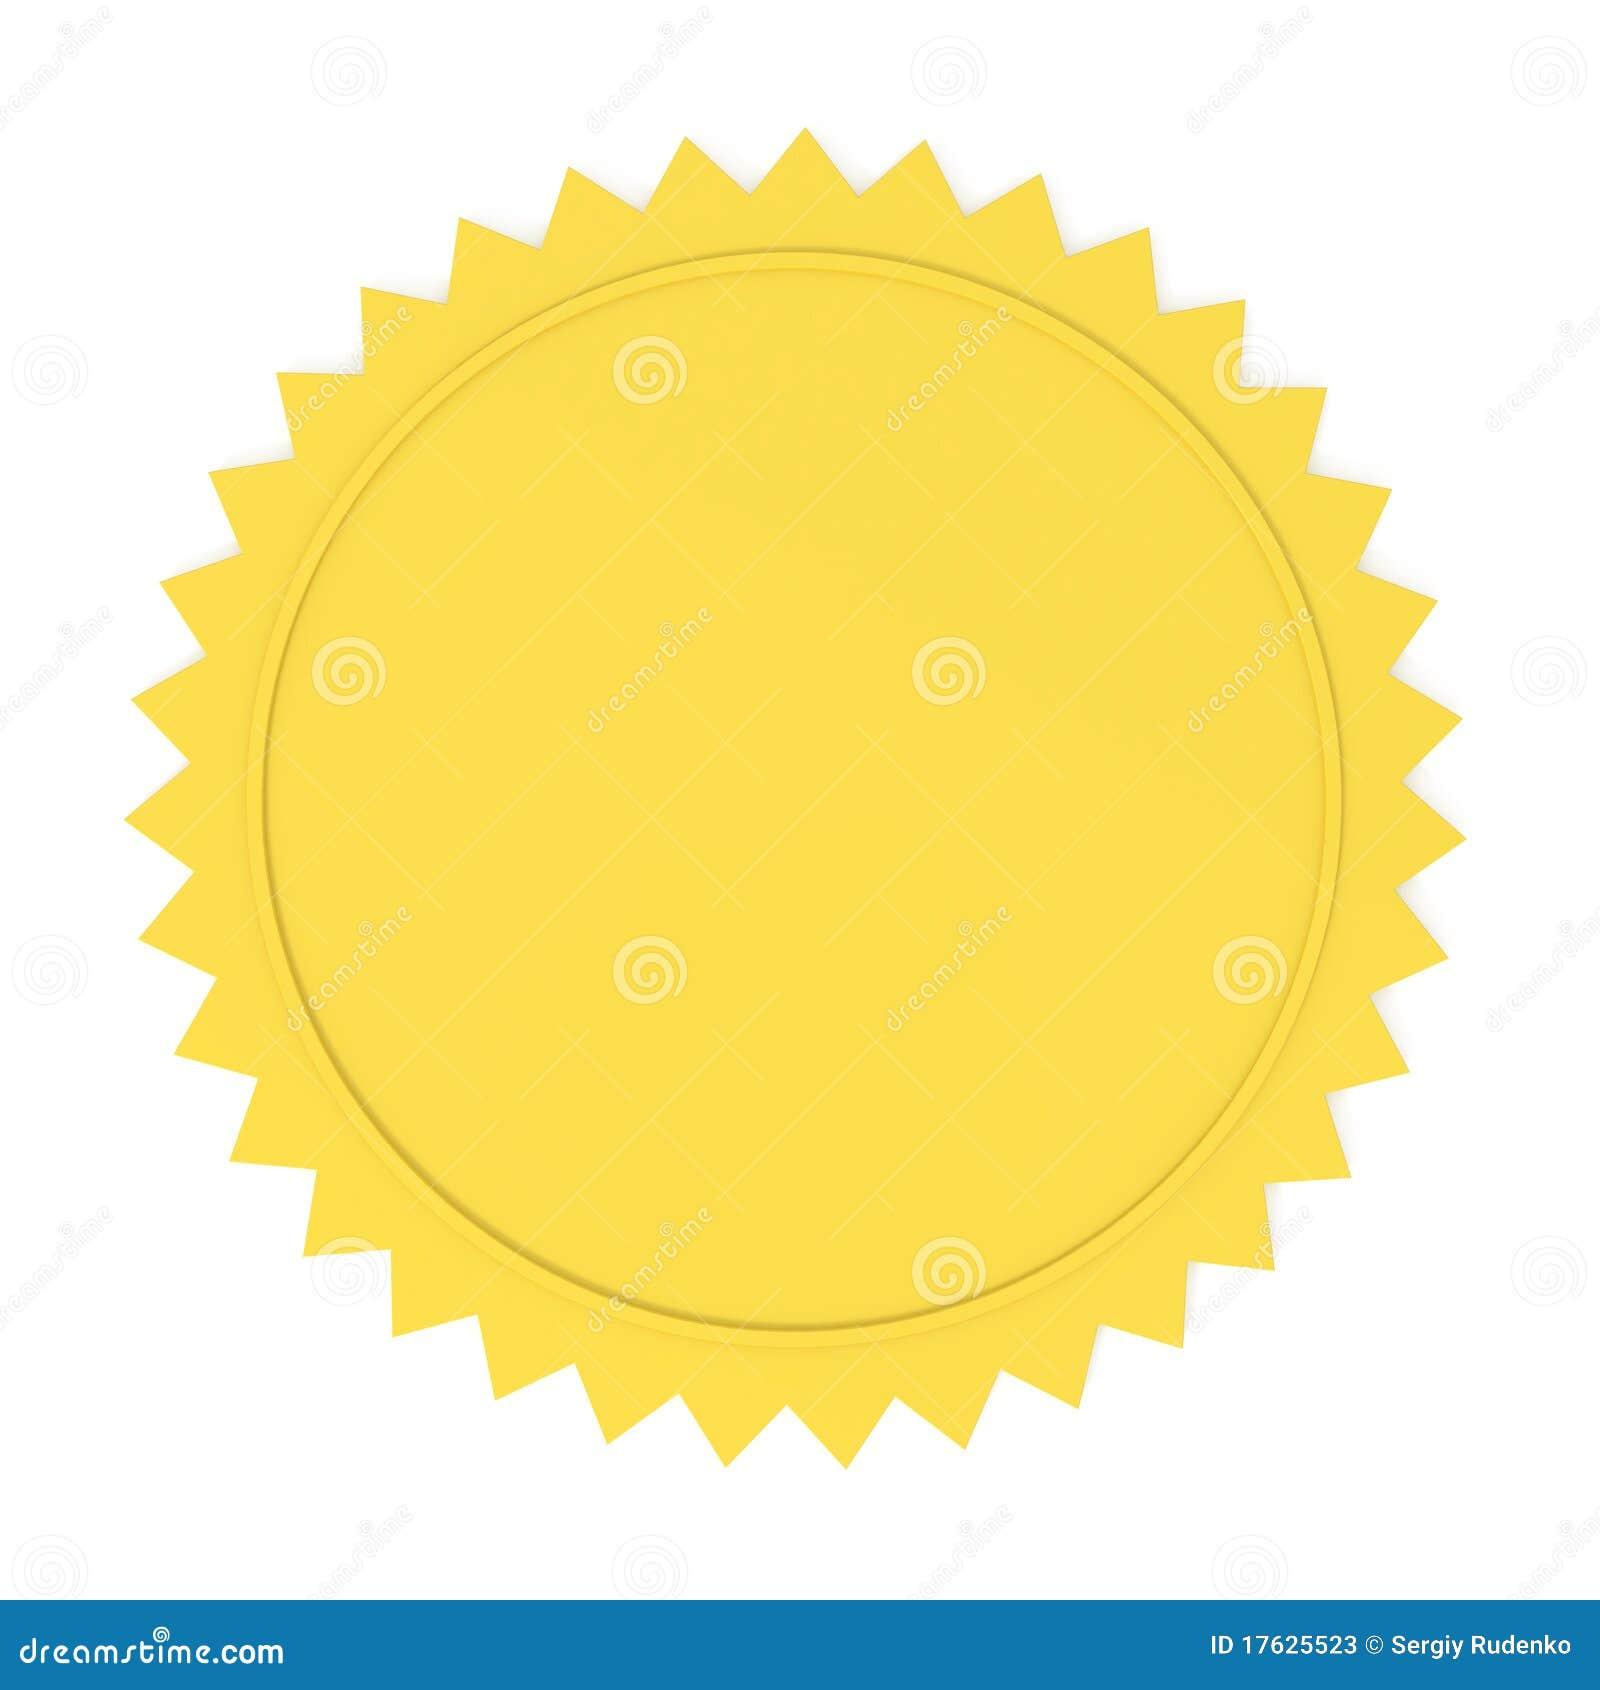 Blank Golden Seal Stock Photos Image 17625523